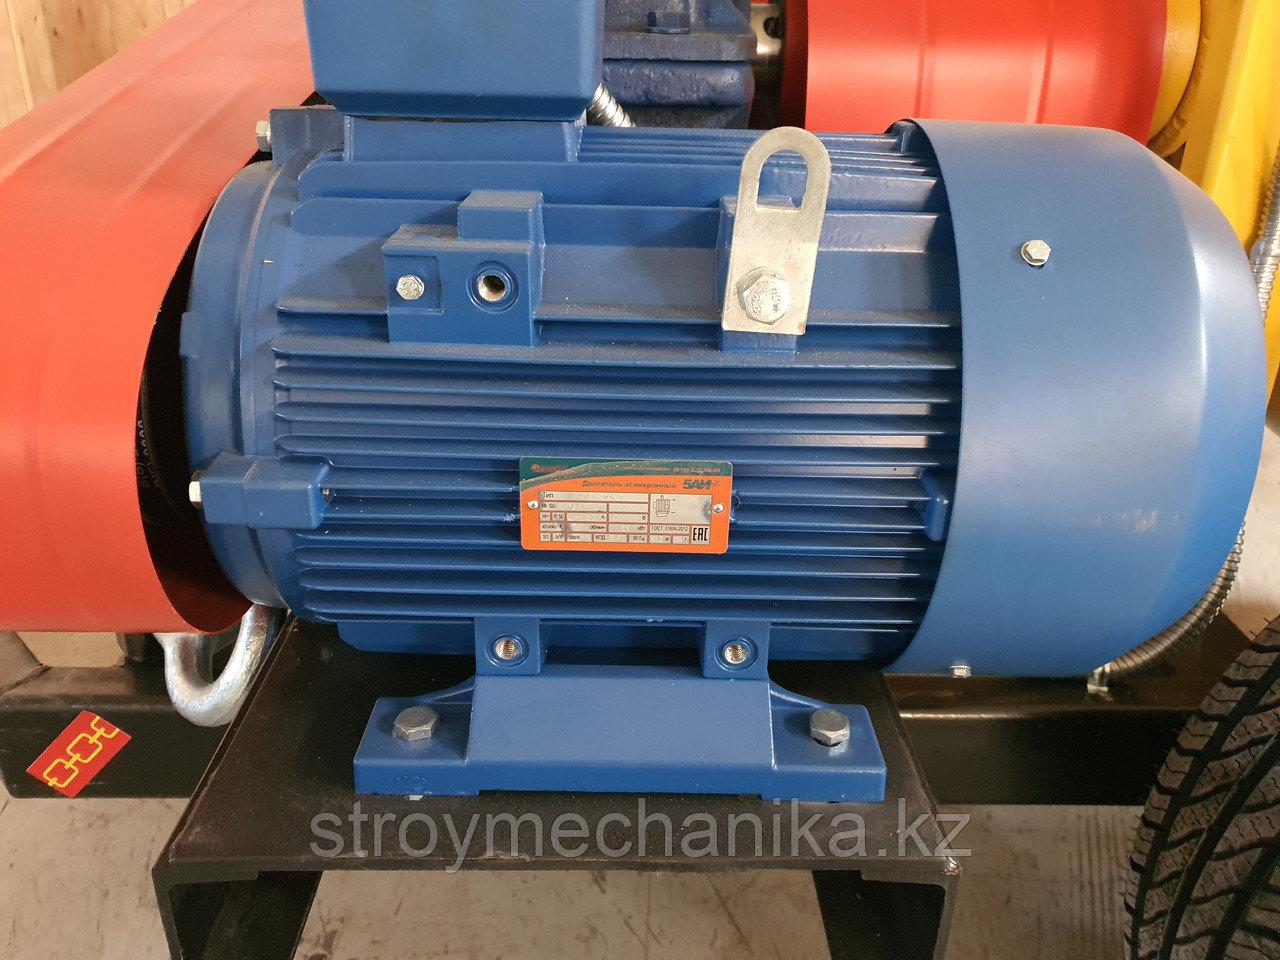 Двигатель 7,5 кВт на пневмонагнетатель